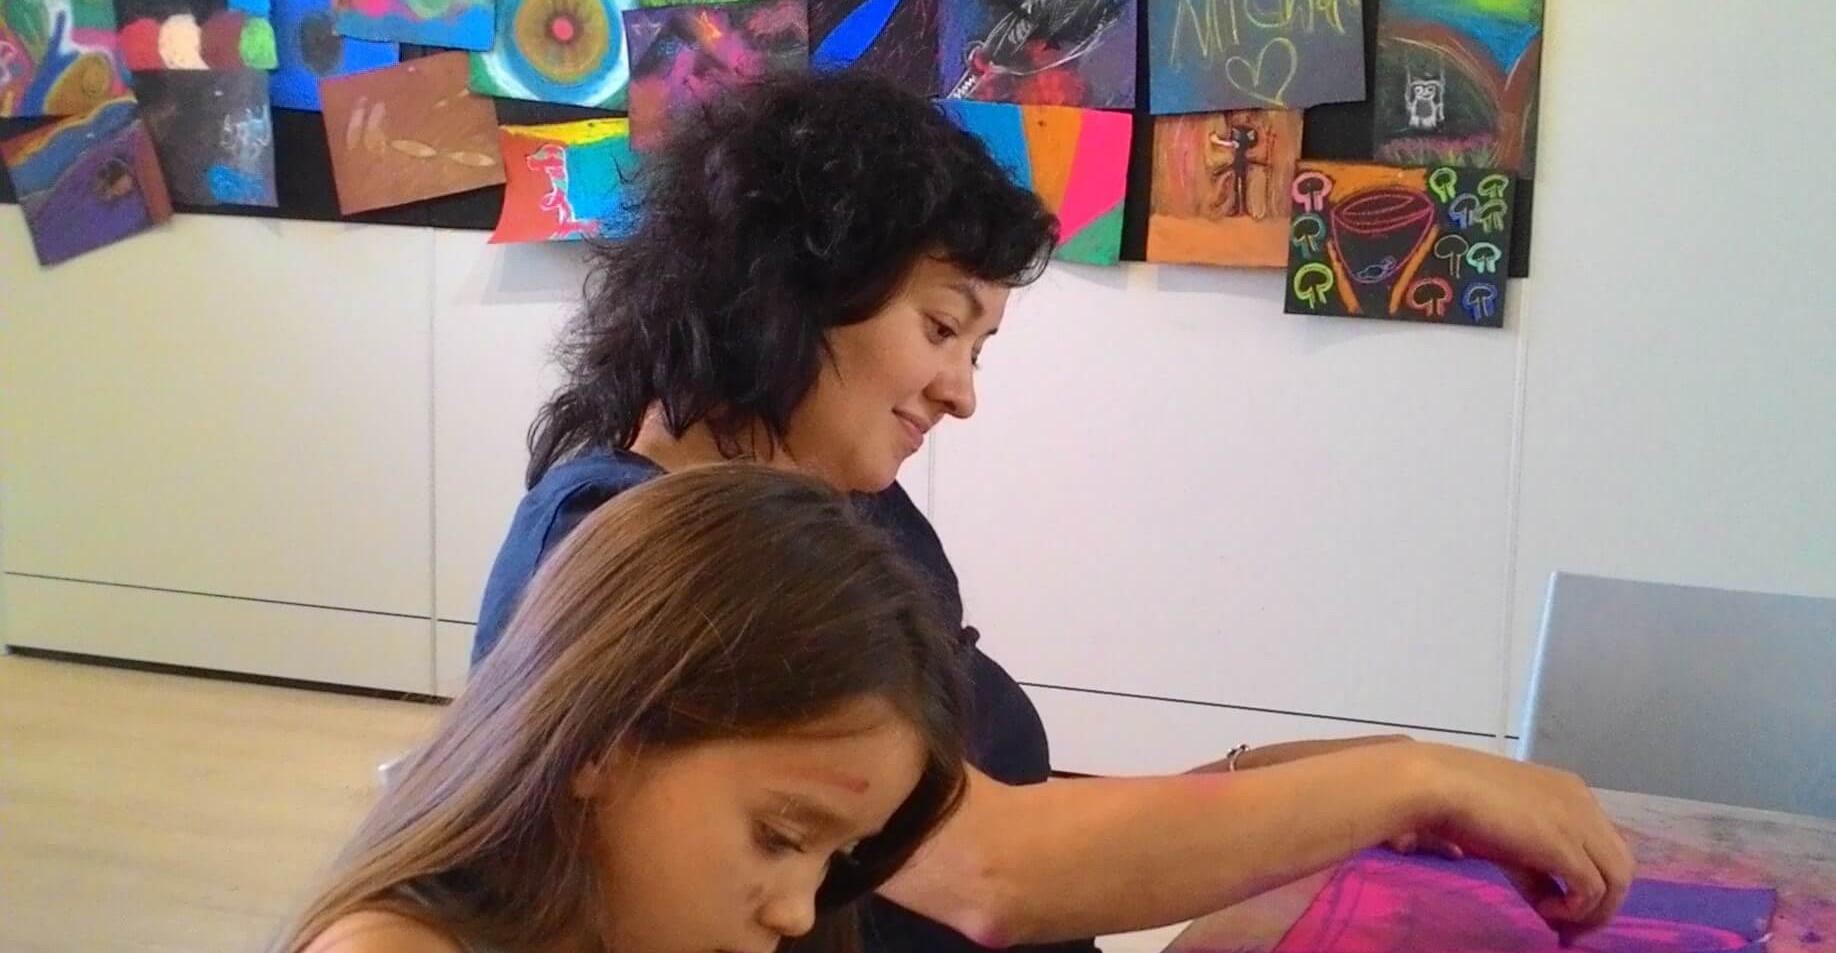 אמא ובת מציירות יחד בסדנא משותפת